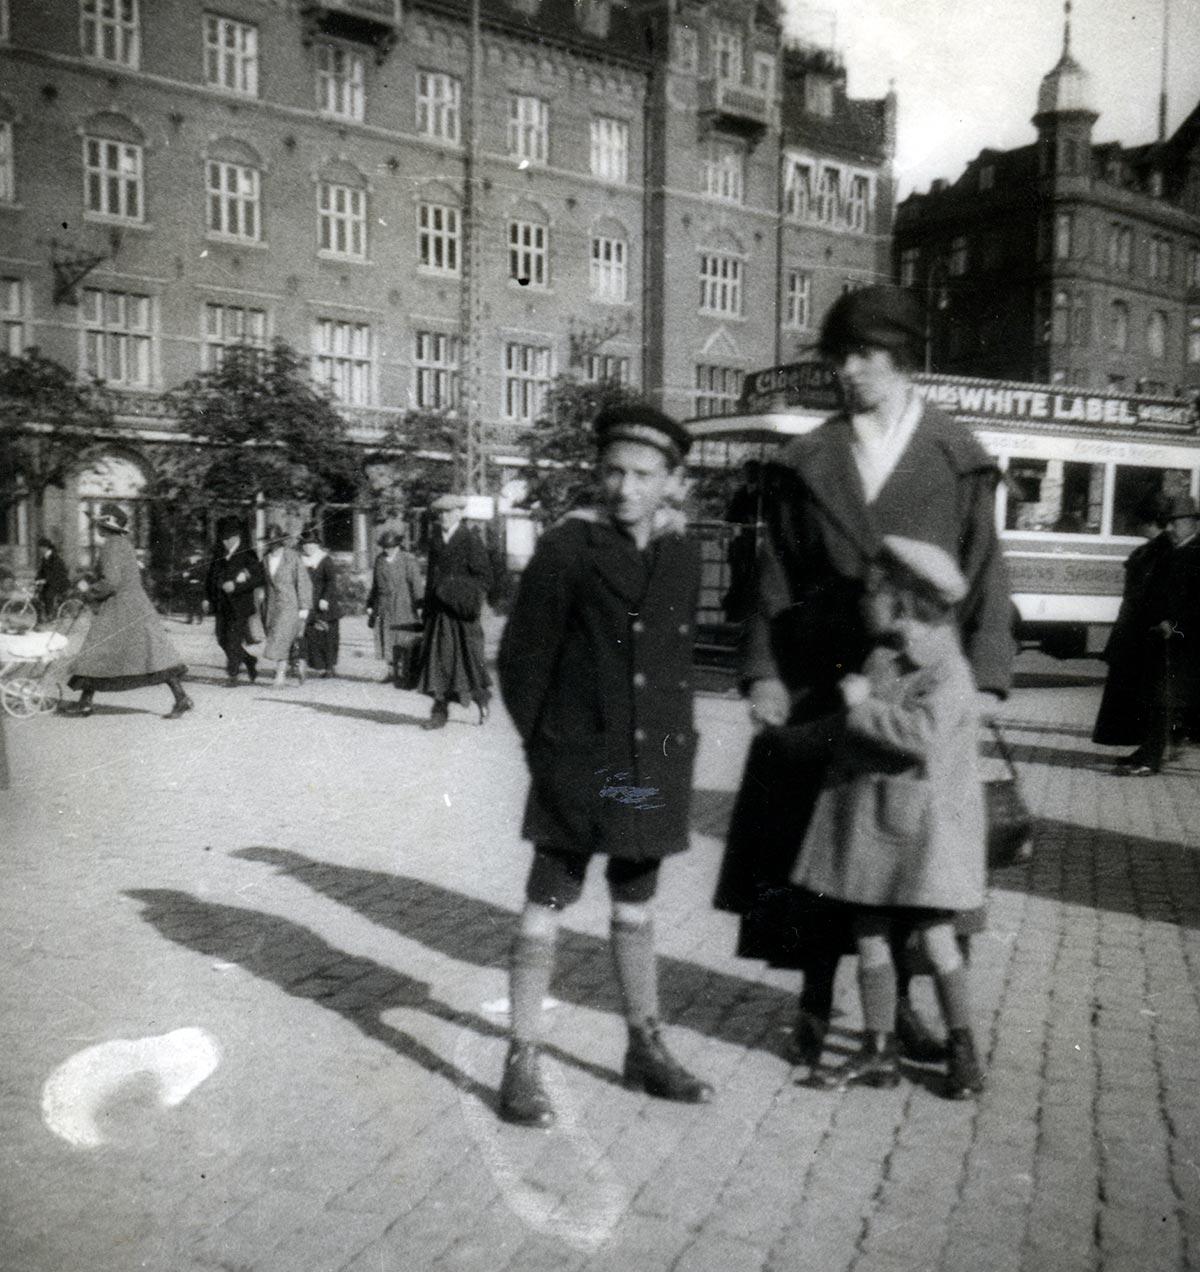 Ejner, Jenny Kirstine og Aage på udflugt til Rådhuspladsen. Fotograf: Ukendt, 1922, Københavns Stadsarkiv.